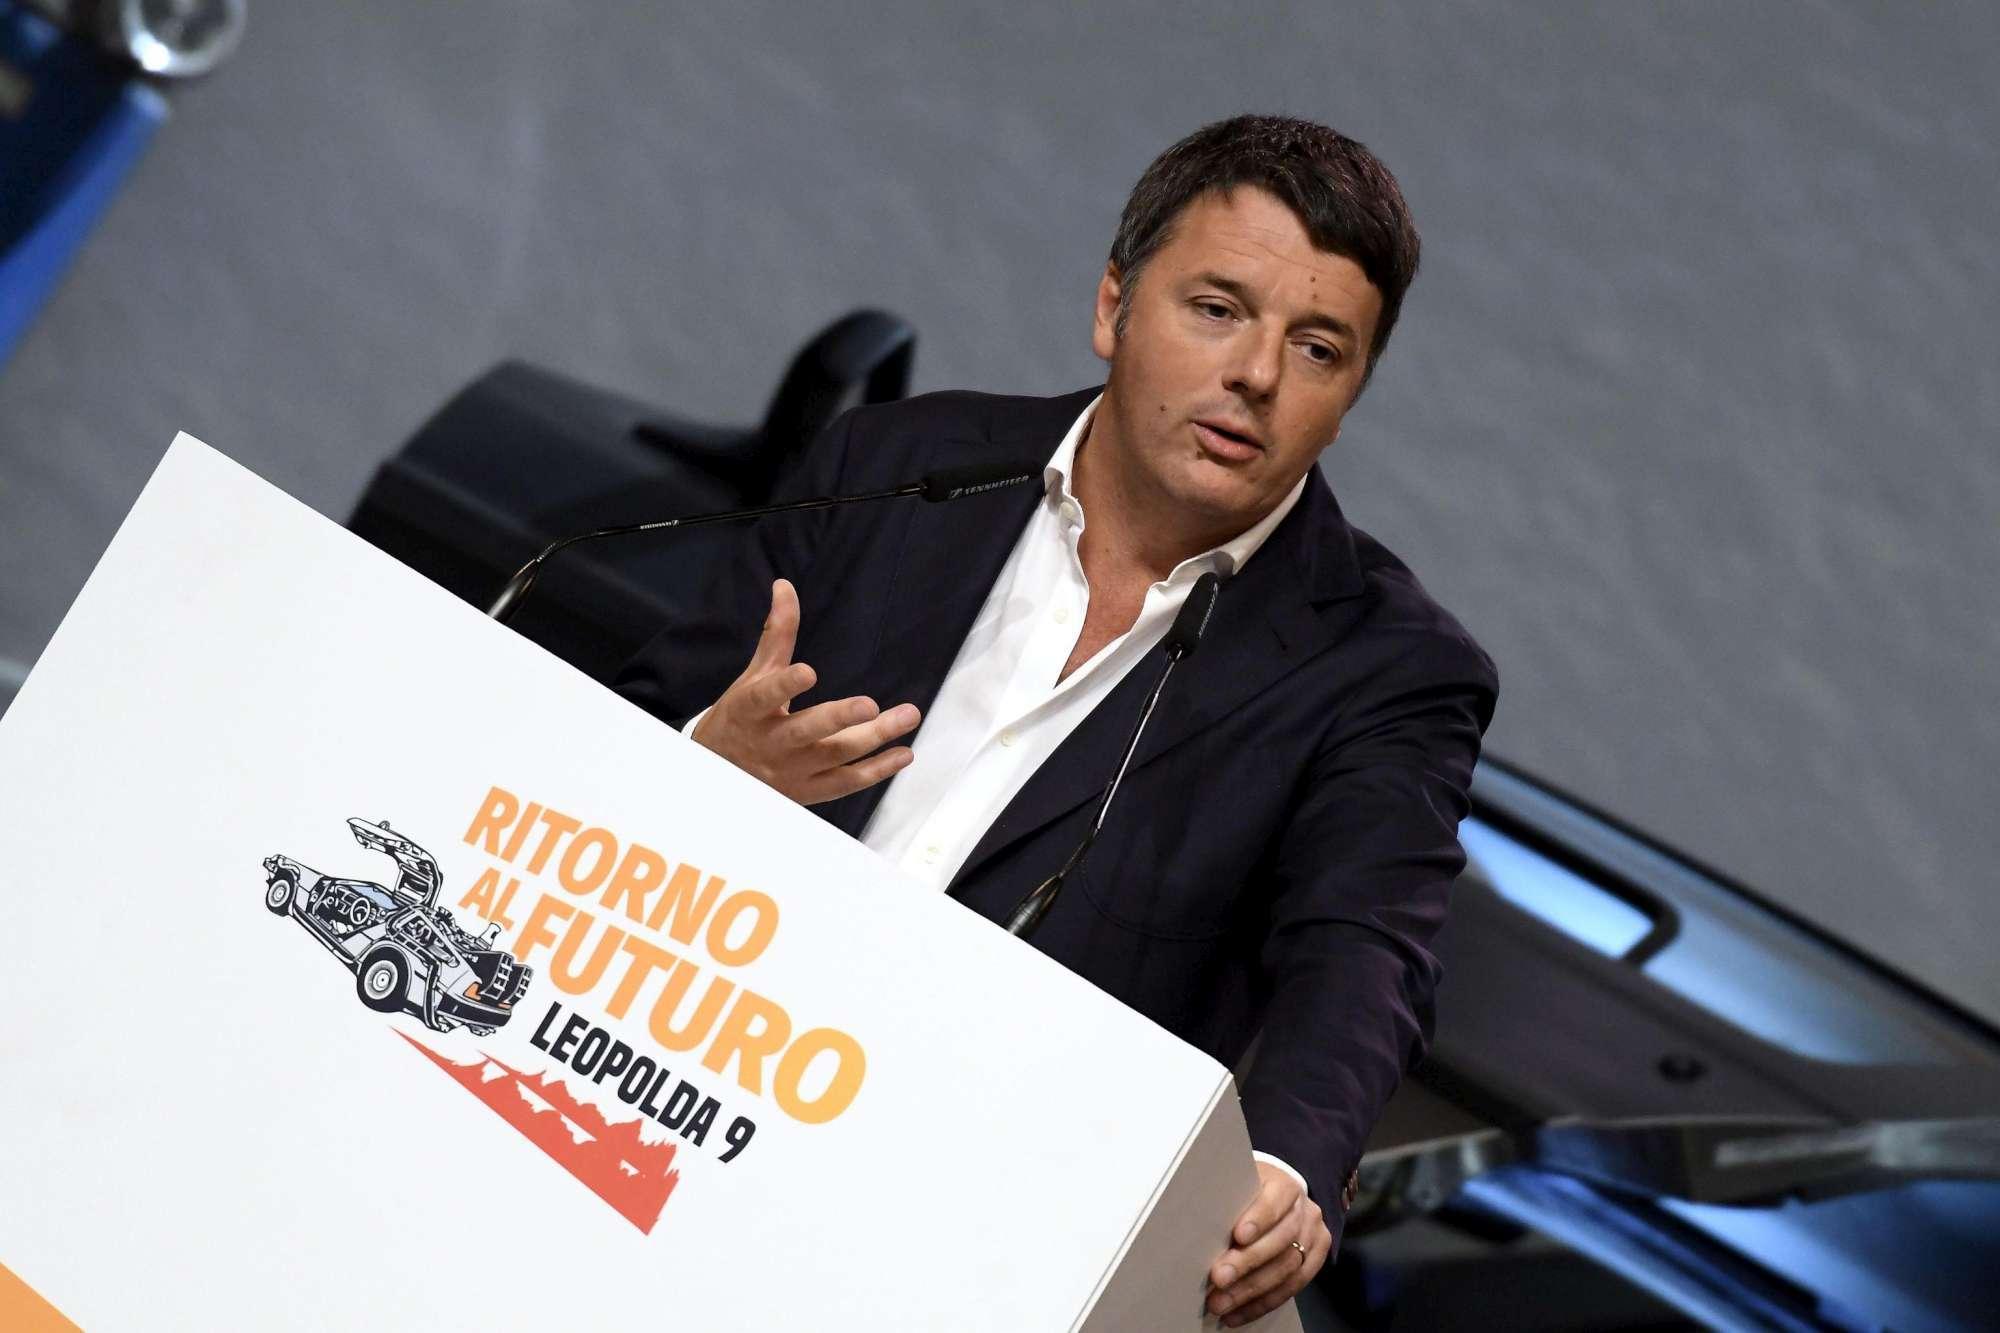 Leopolda 9, affondo di Renzi contro Foa e il governo